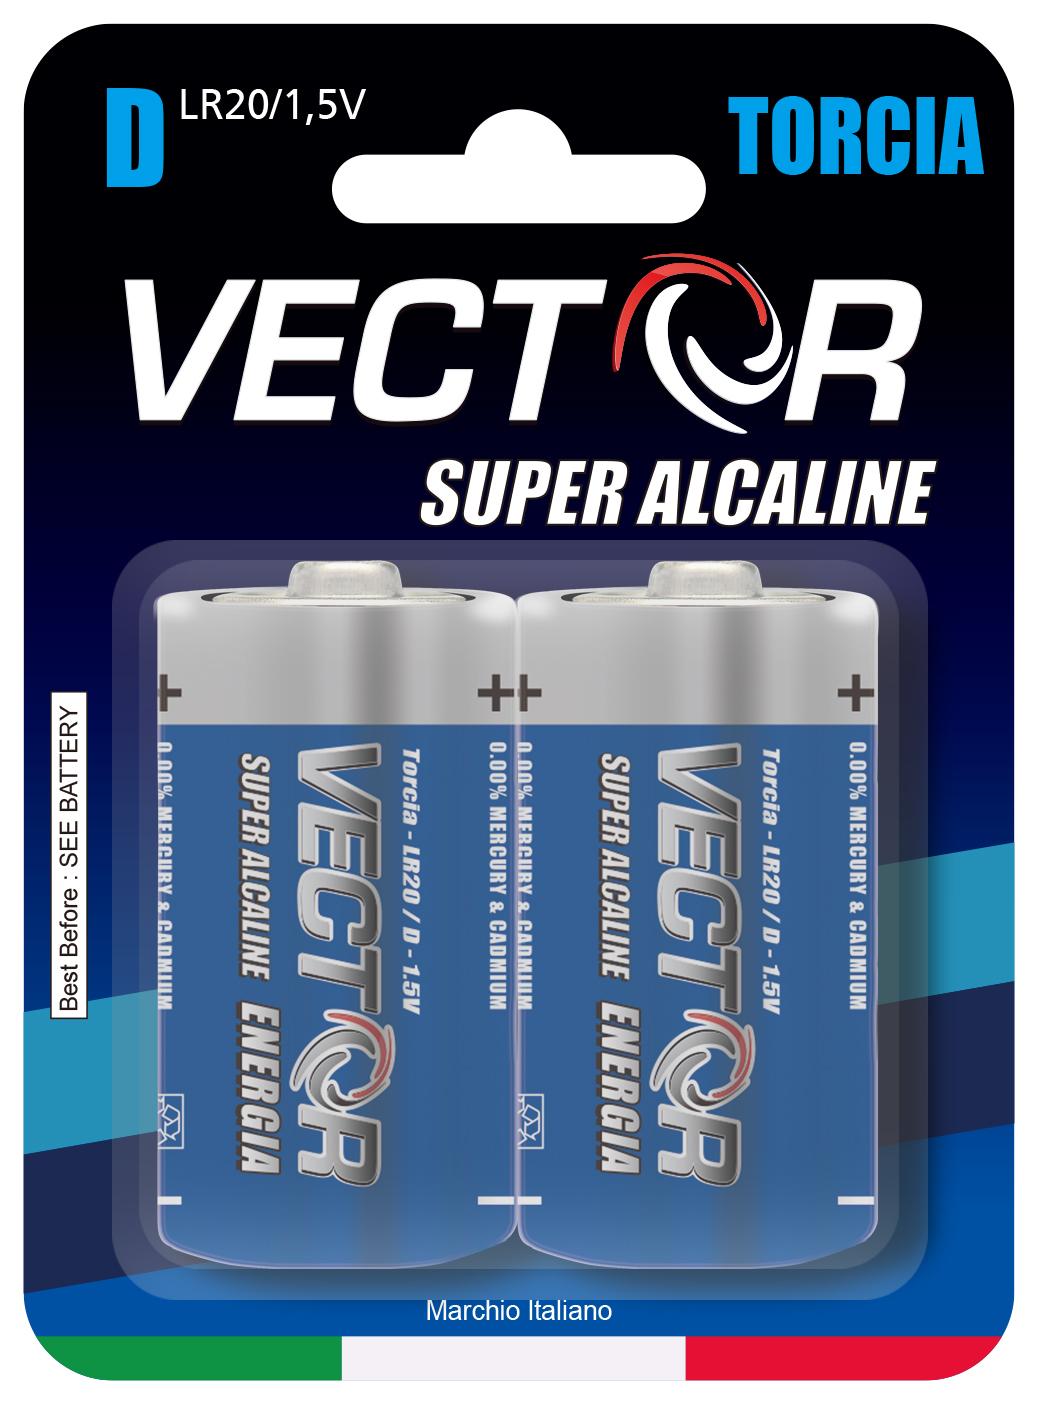 VECTOR C BATTERIES SUPER ALKALINE. VE040089